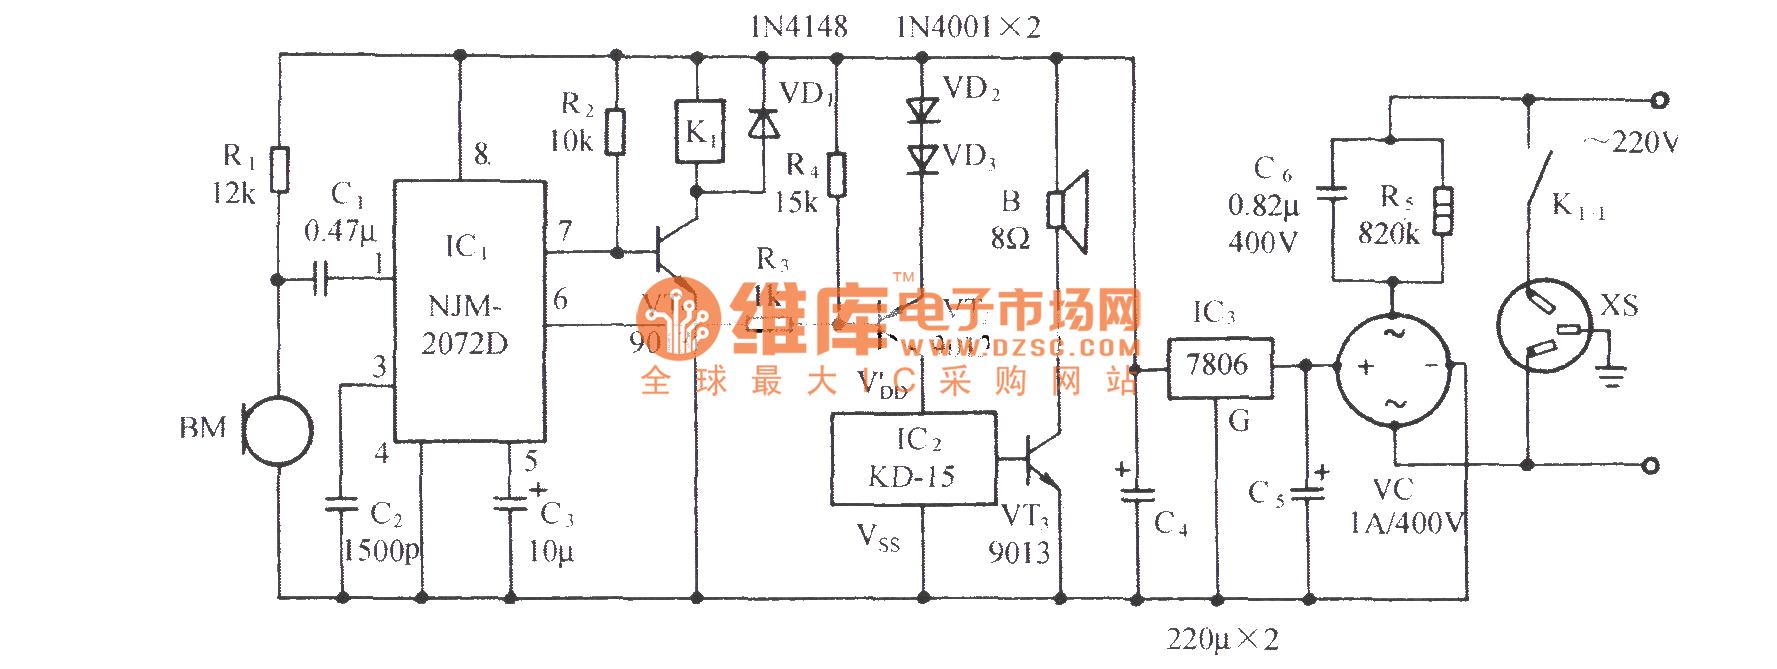 voice control music outlet circuit 1 using njm2072d